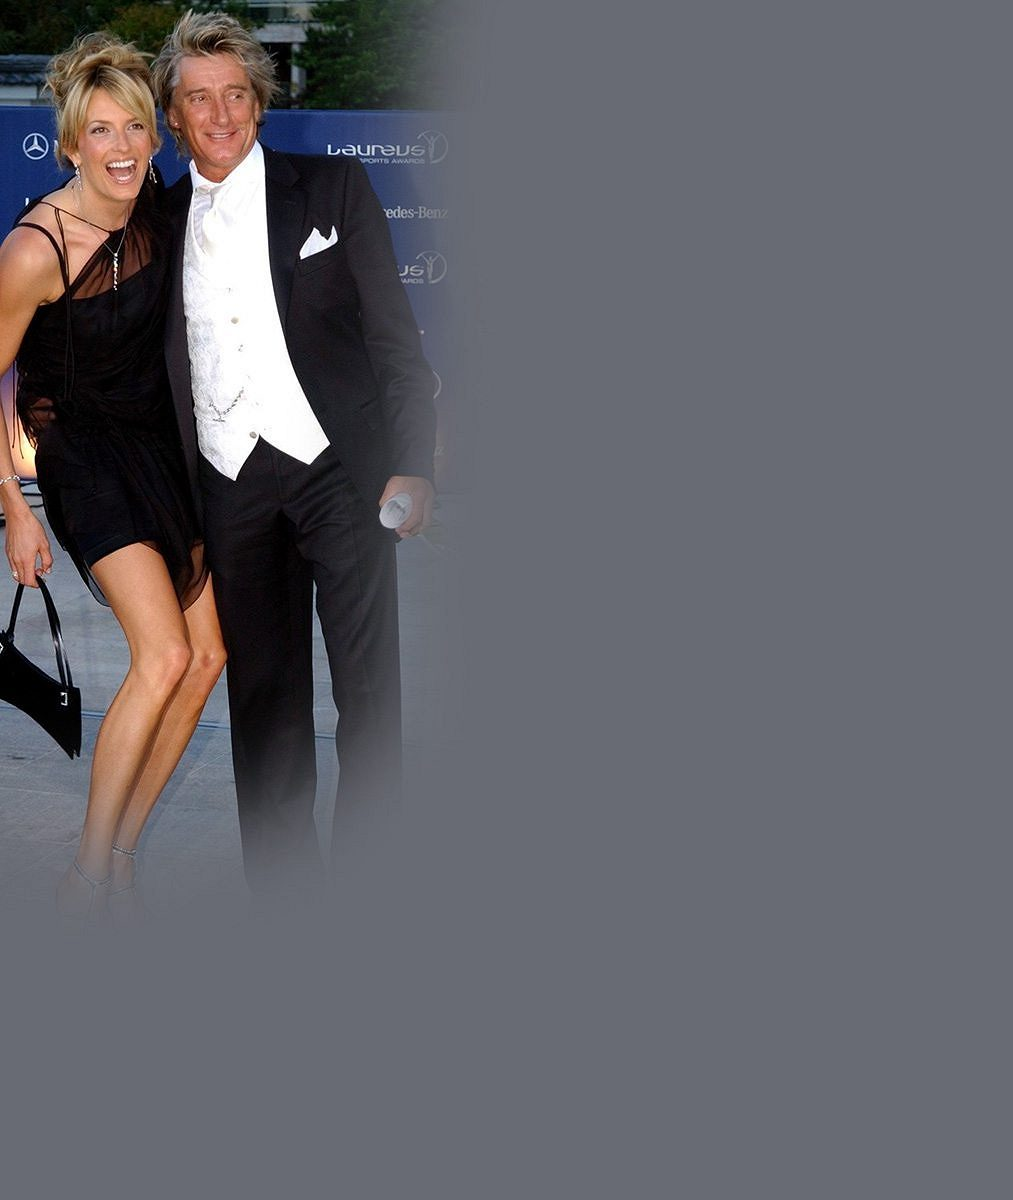 Slavný zpěvák (71) a jeho o hlavu vyšší manželka (45) předvedli pěstěná těla v Itálii